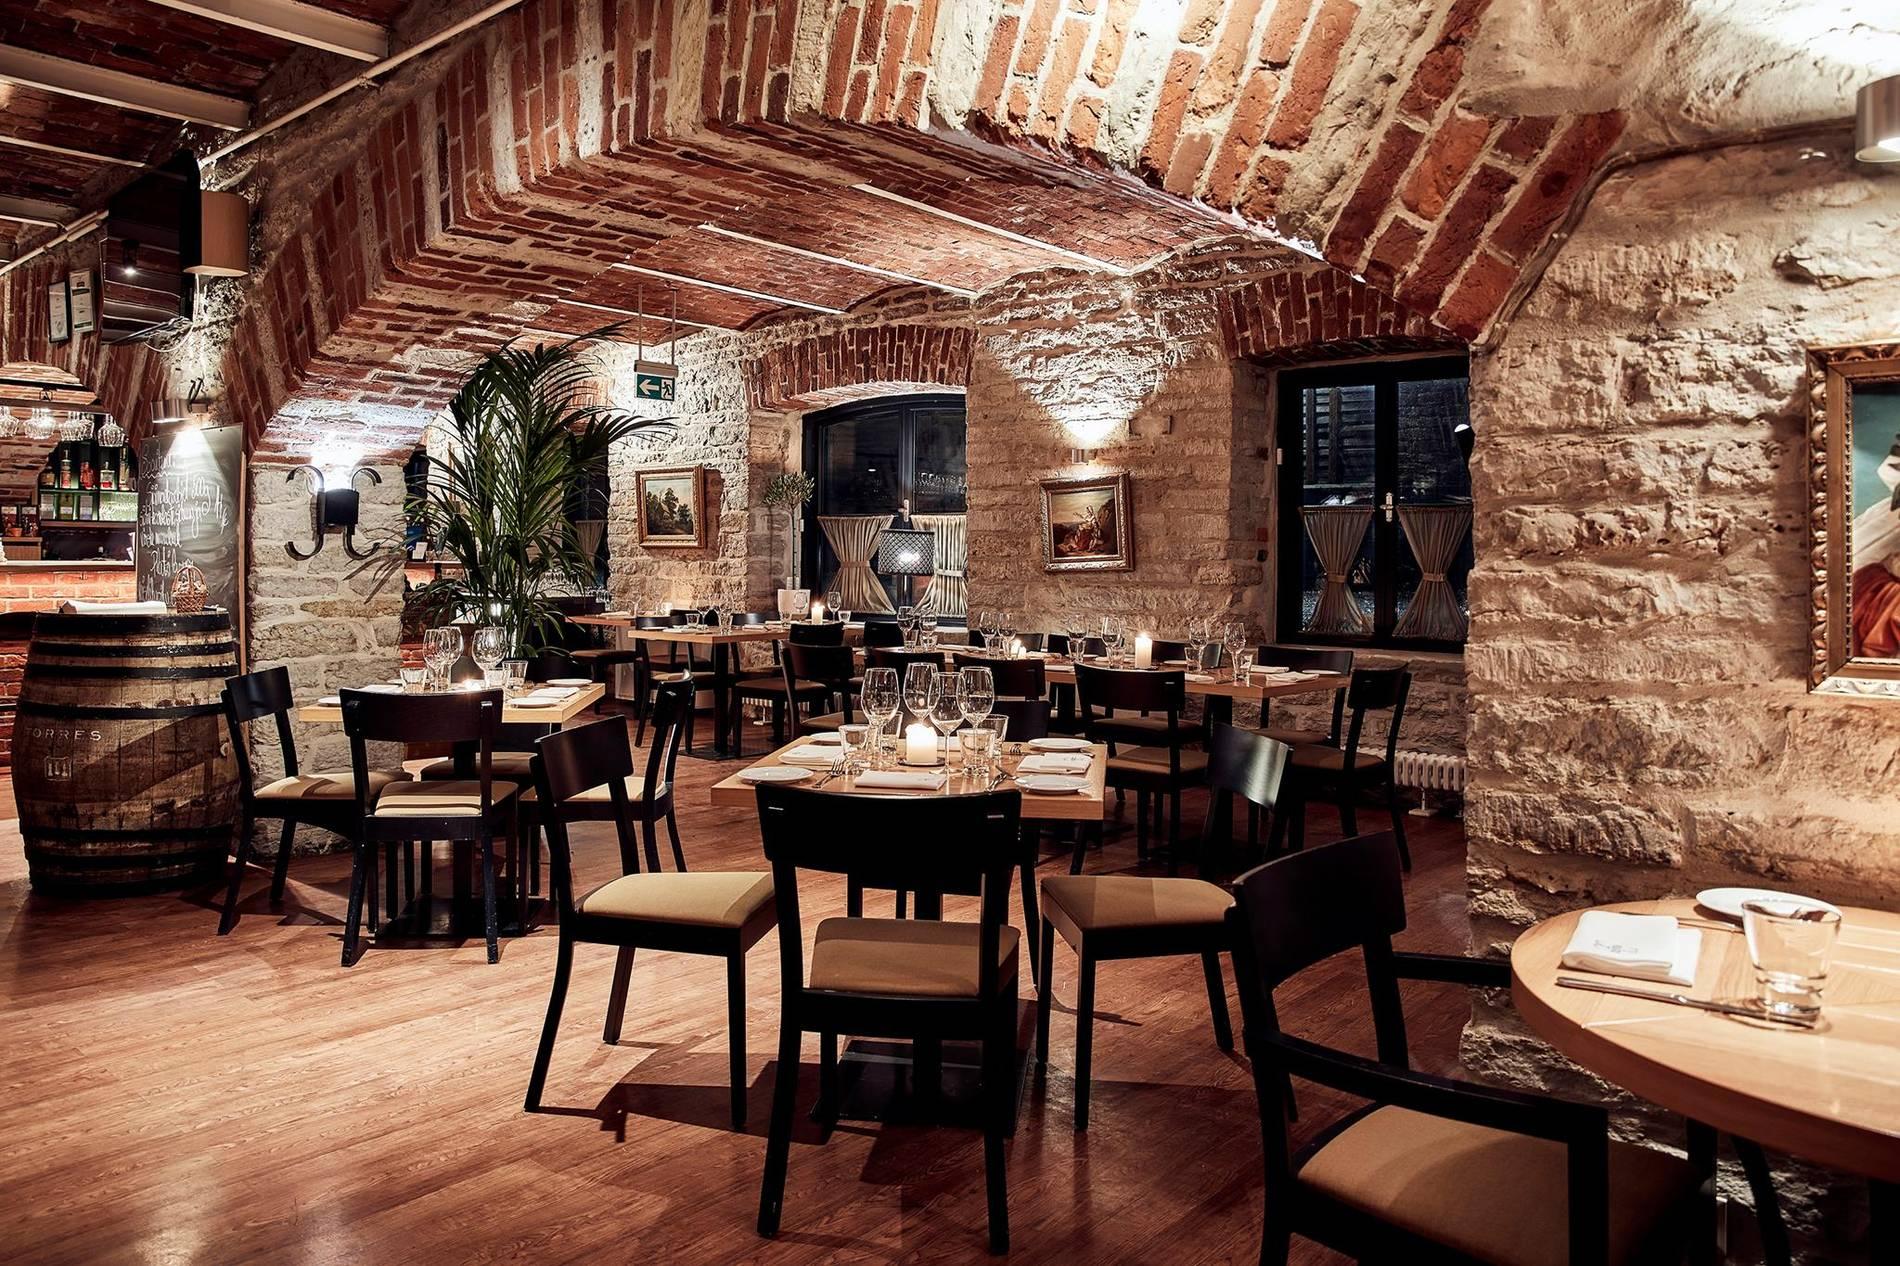 Platz ravintola Tallinnassa, Virossa